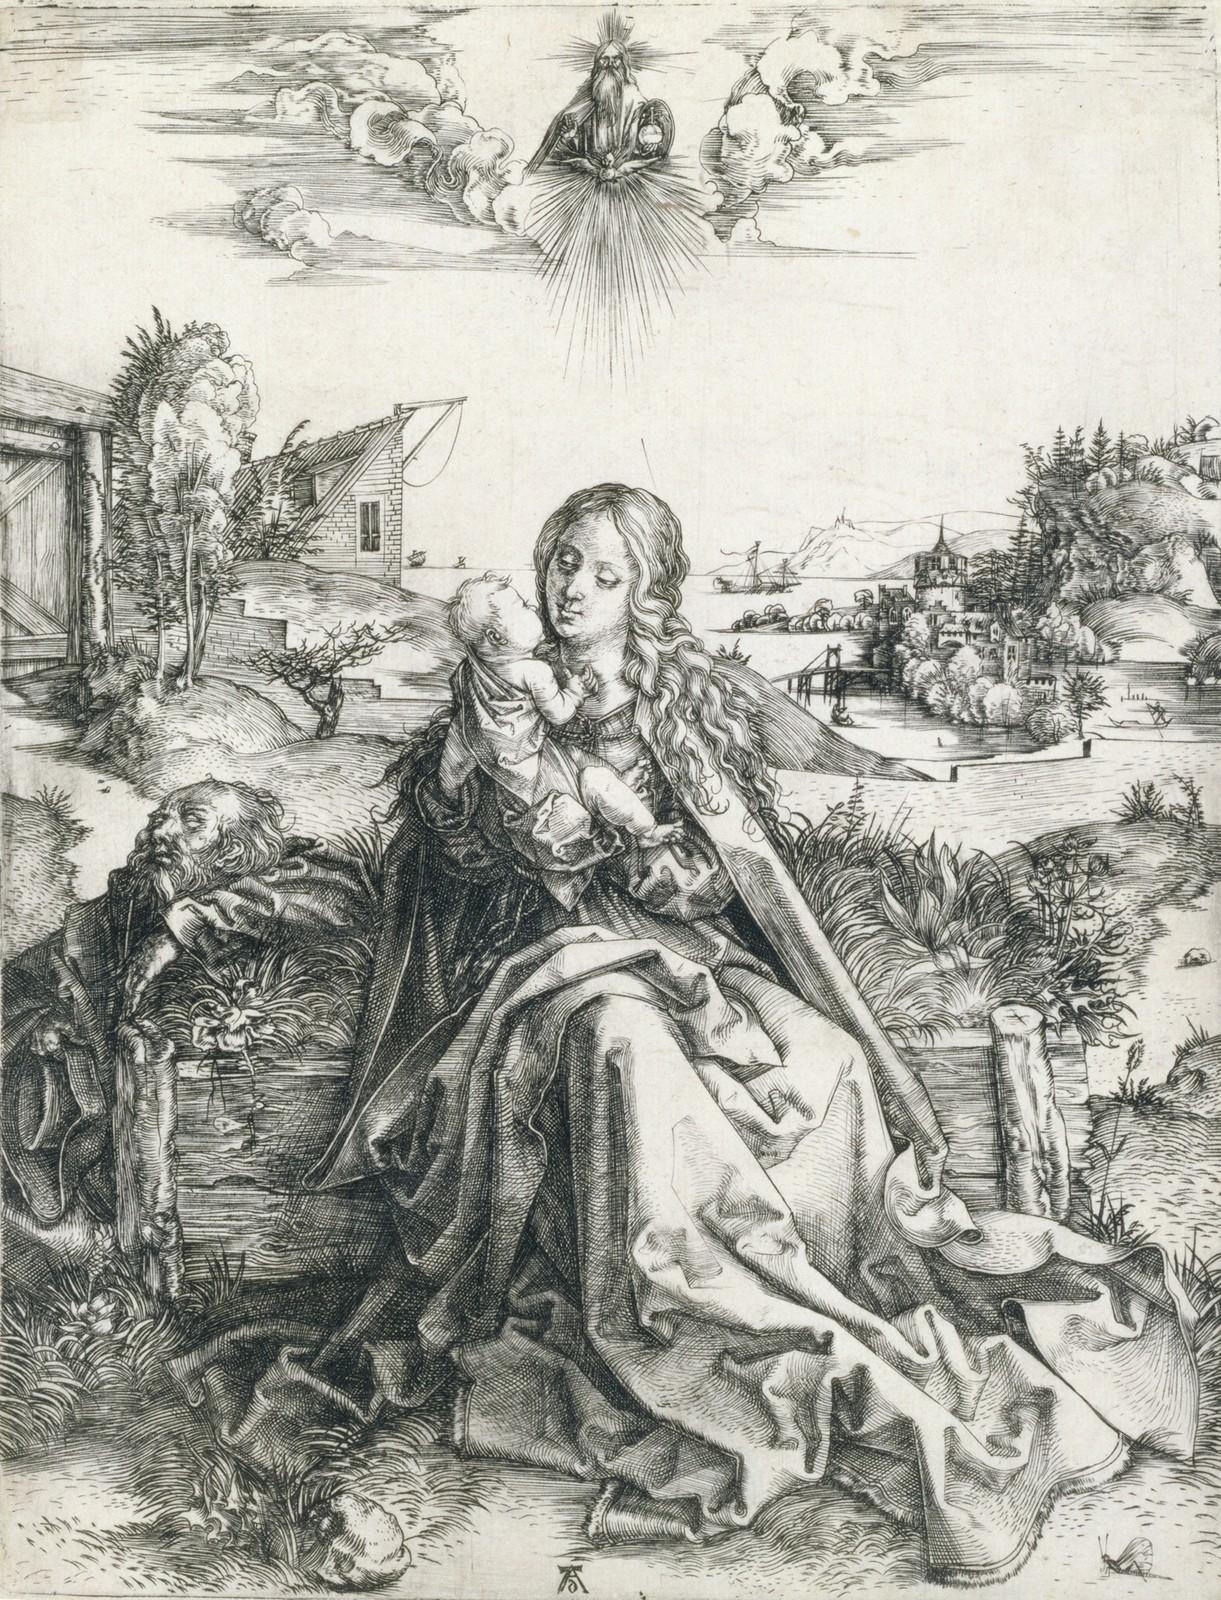 Albrecht Dürer, La Sacra Famiglia della libellula (1495 circa; bulino, 240 x 188 mm, esemplare privo di margini; esemplare di unico stato, con caratteristiche simili alla variante C secondo Meder; iscrizioni: in basso al centro monogramma AD; filigrana parzialmente visibile ma non identificabile; Pavia, Musei Civici)